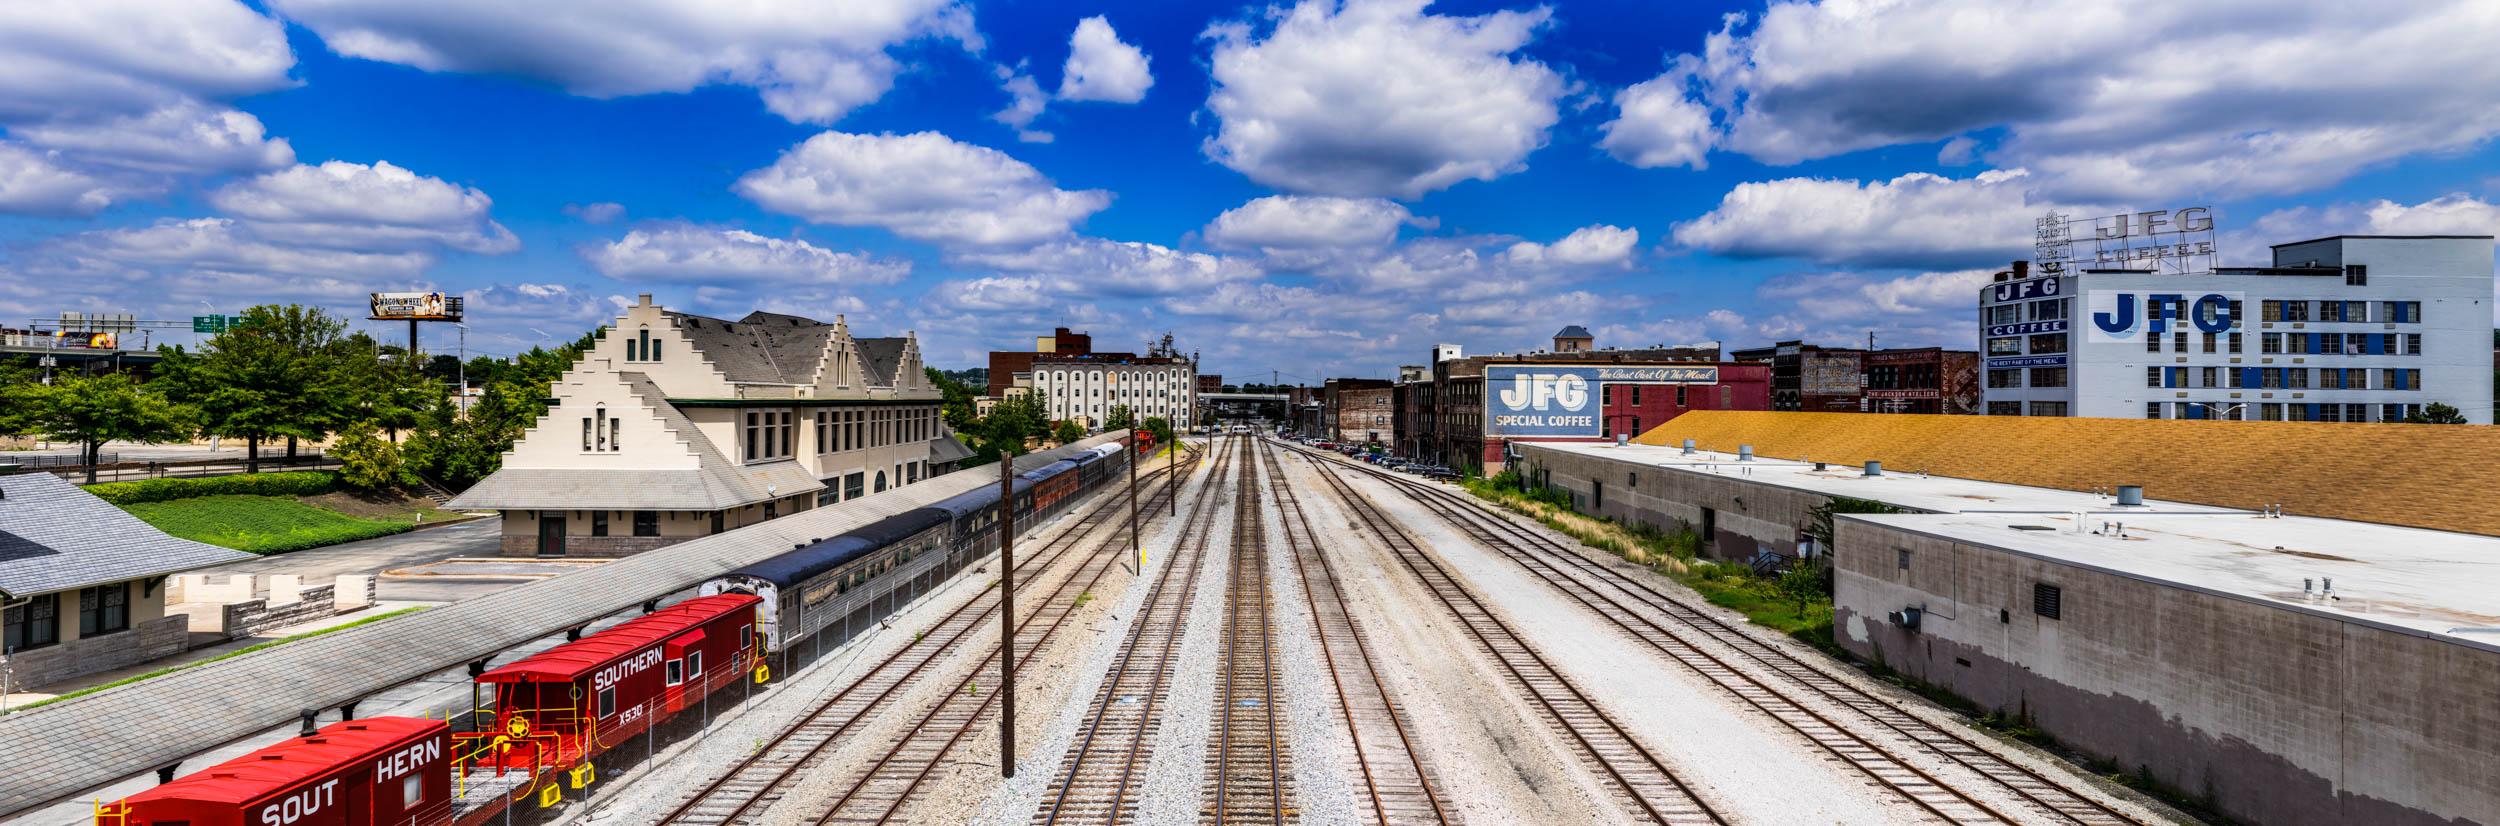 knox rail depot